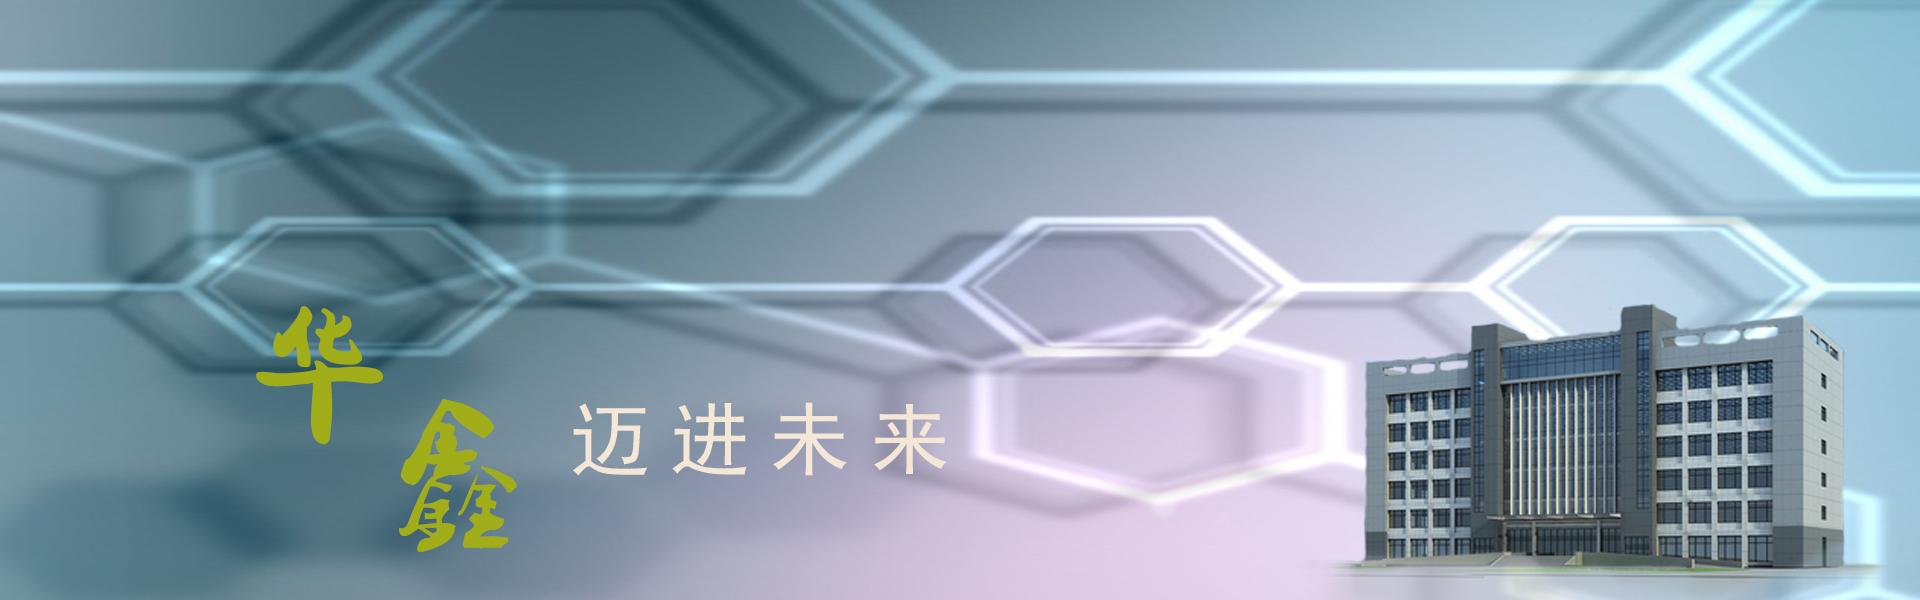 肇庆市华鑫自动化设备有限公司专业提供流延机,巴块切割机,等静压机,排胶炉,气氛烧结炉等产品!